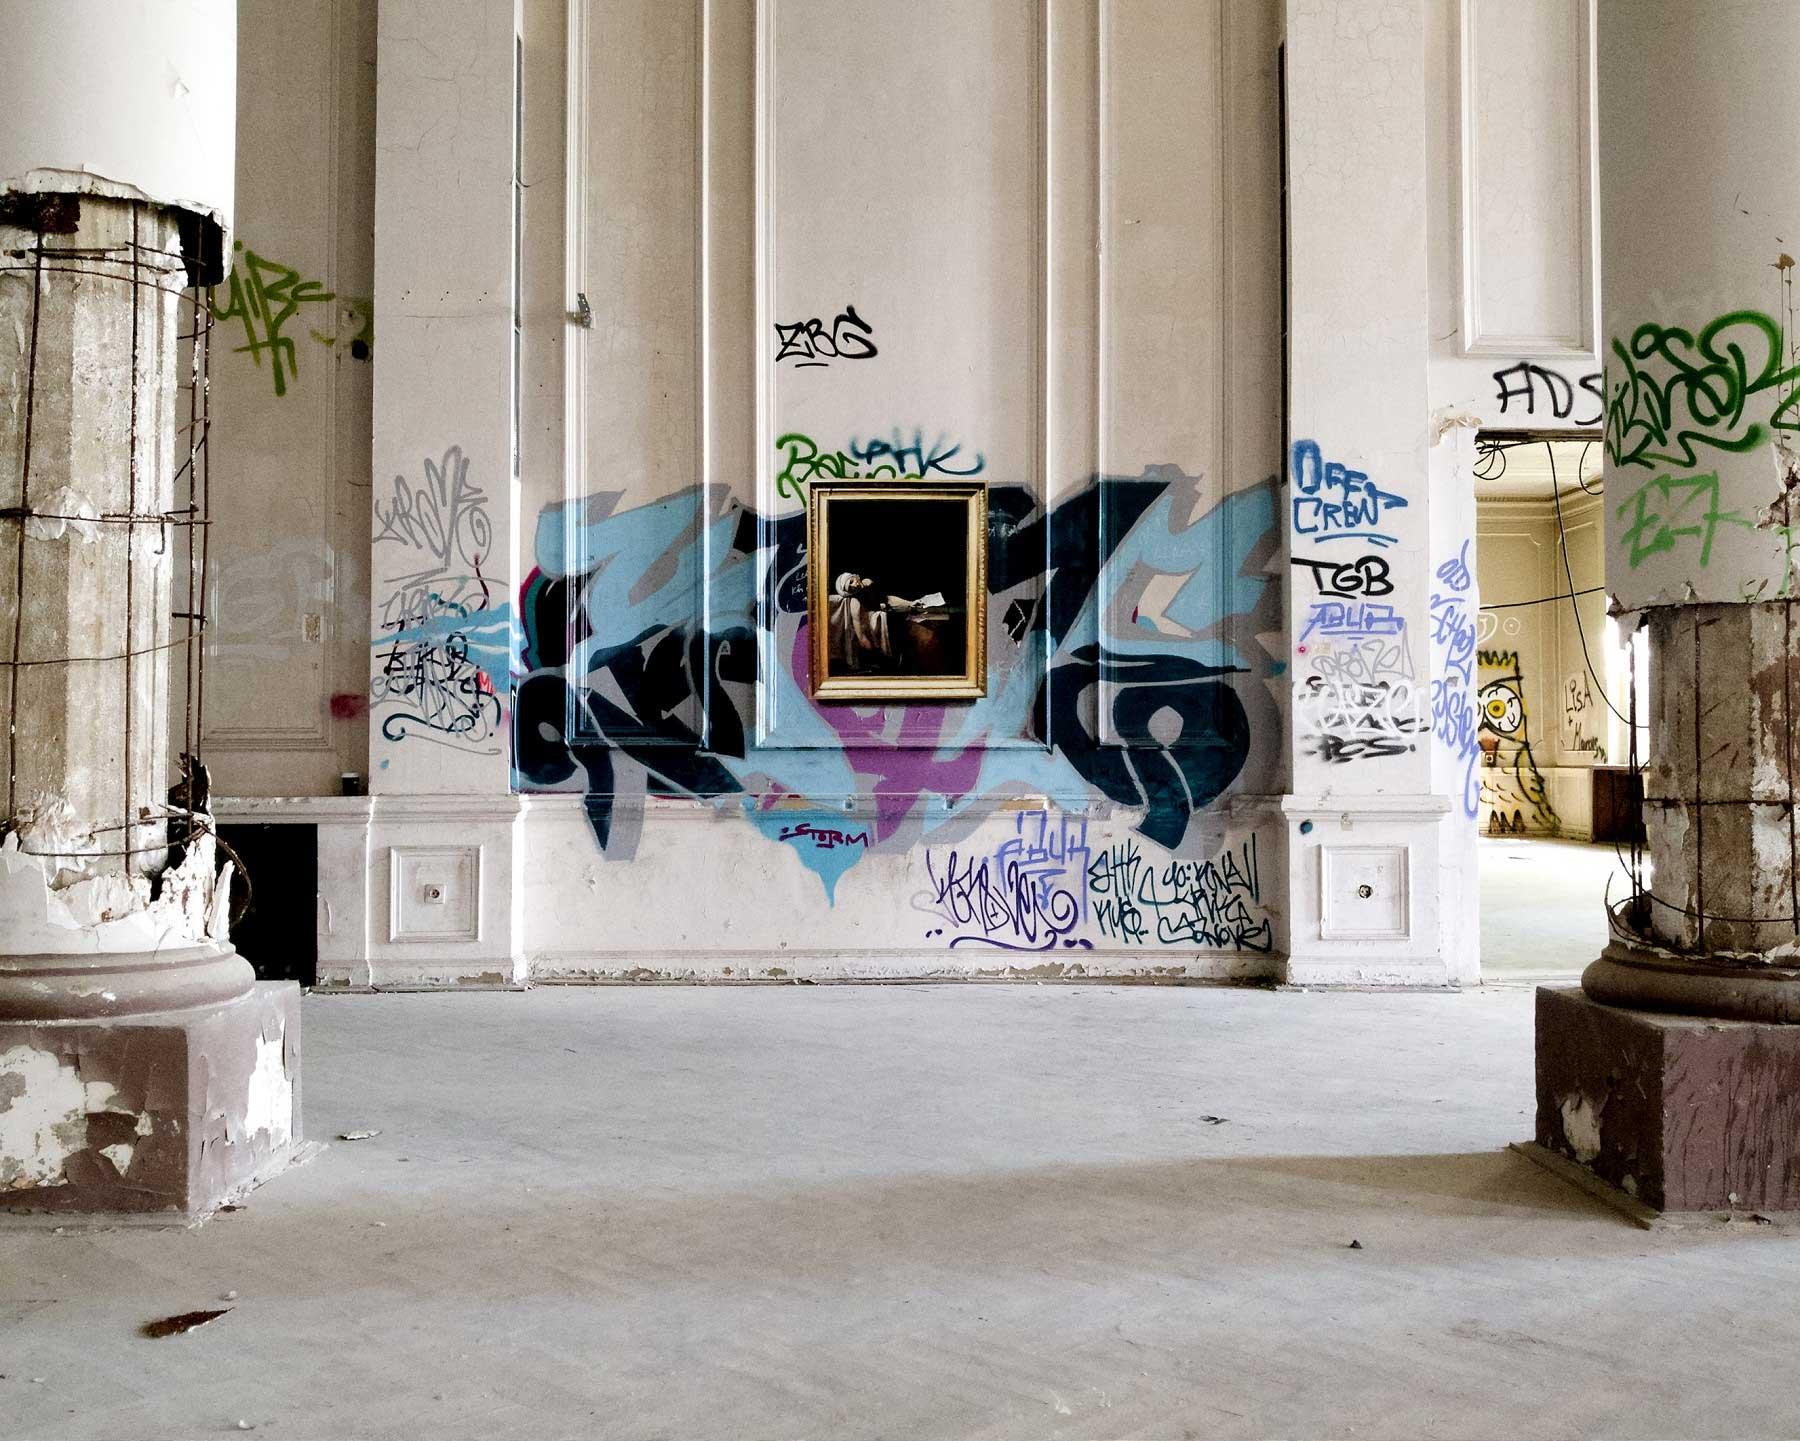 Realistische Abbilder klassischer Gemälde an öffentliche Wände gemalt Julio-Anaya-Cabanding_05